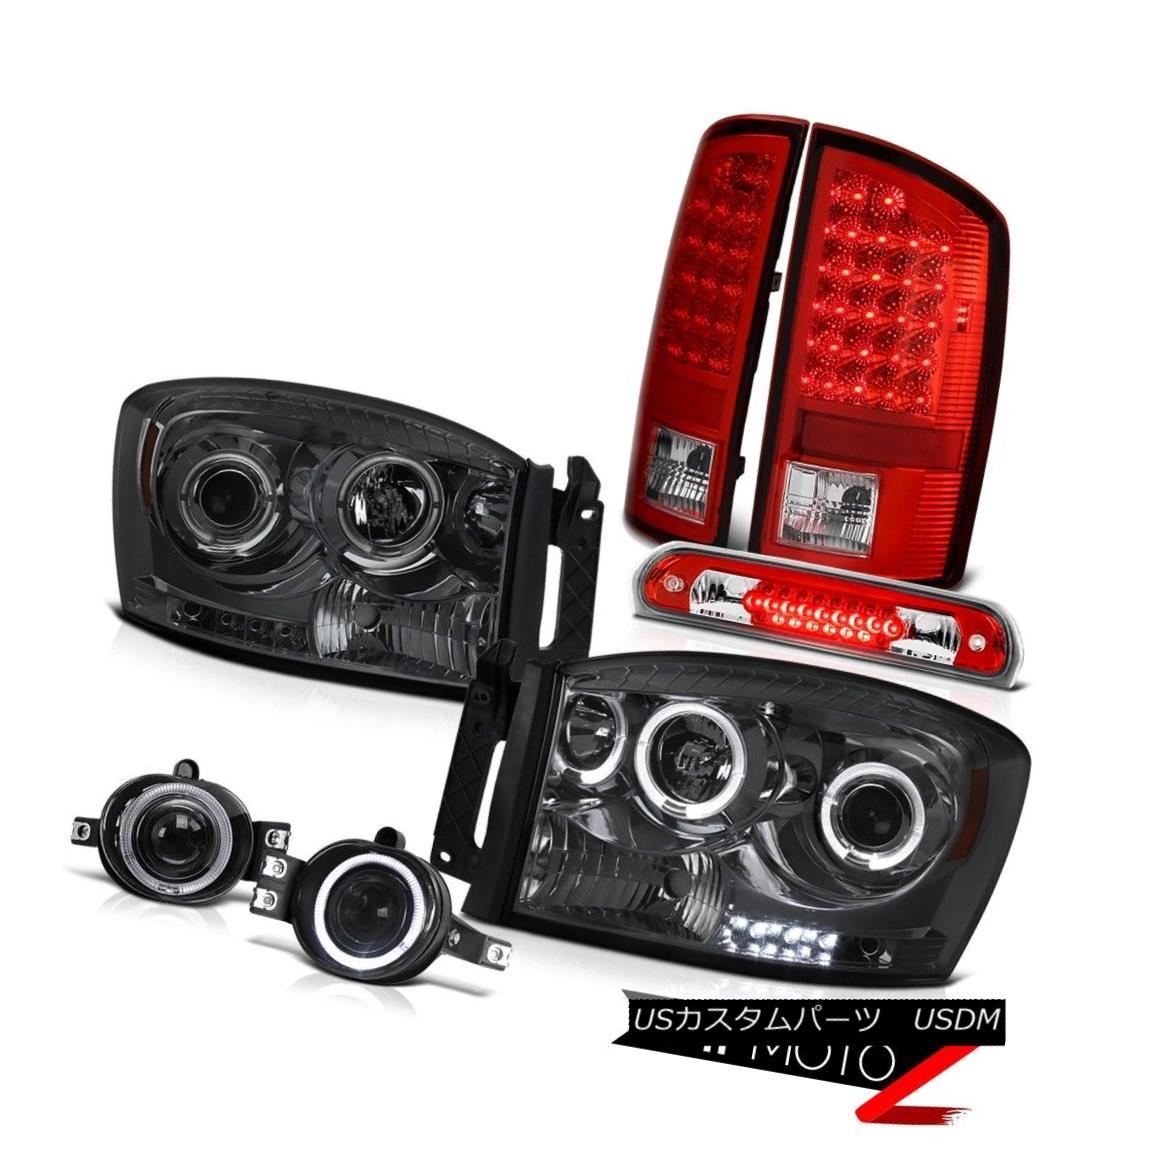 テールライト Tinted Headlight RED LED Tail Lights Projector Fog High Brake 2006 Dodge Ram SLT 着色ヘッドライトRED LEDテールライトプロジェクターフォグハイブレーキ2006 Dodge Ram SLT